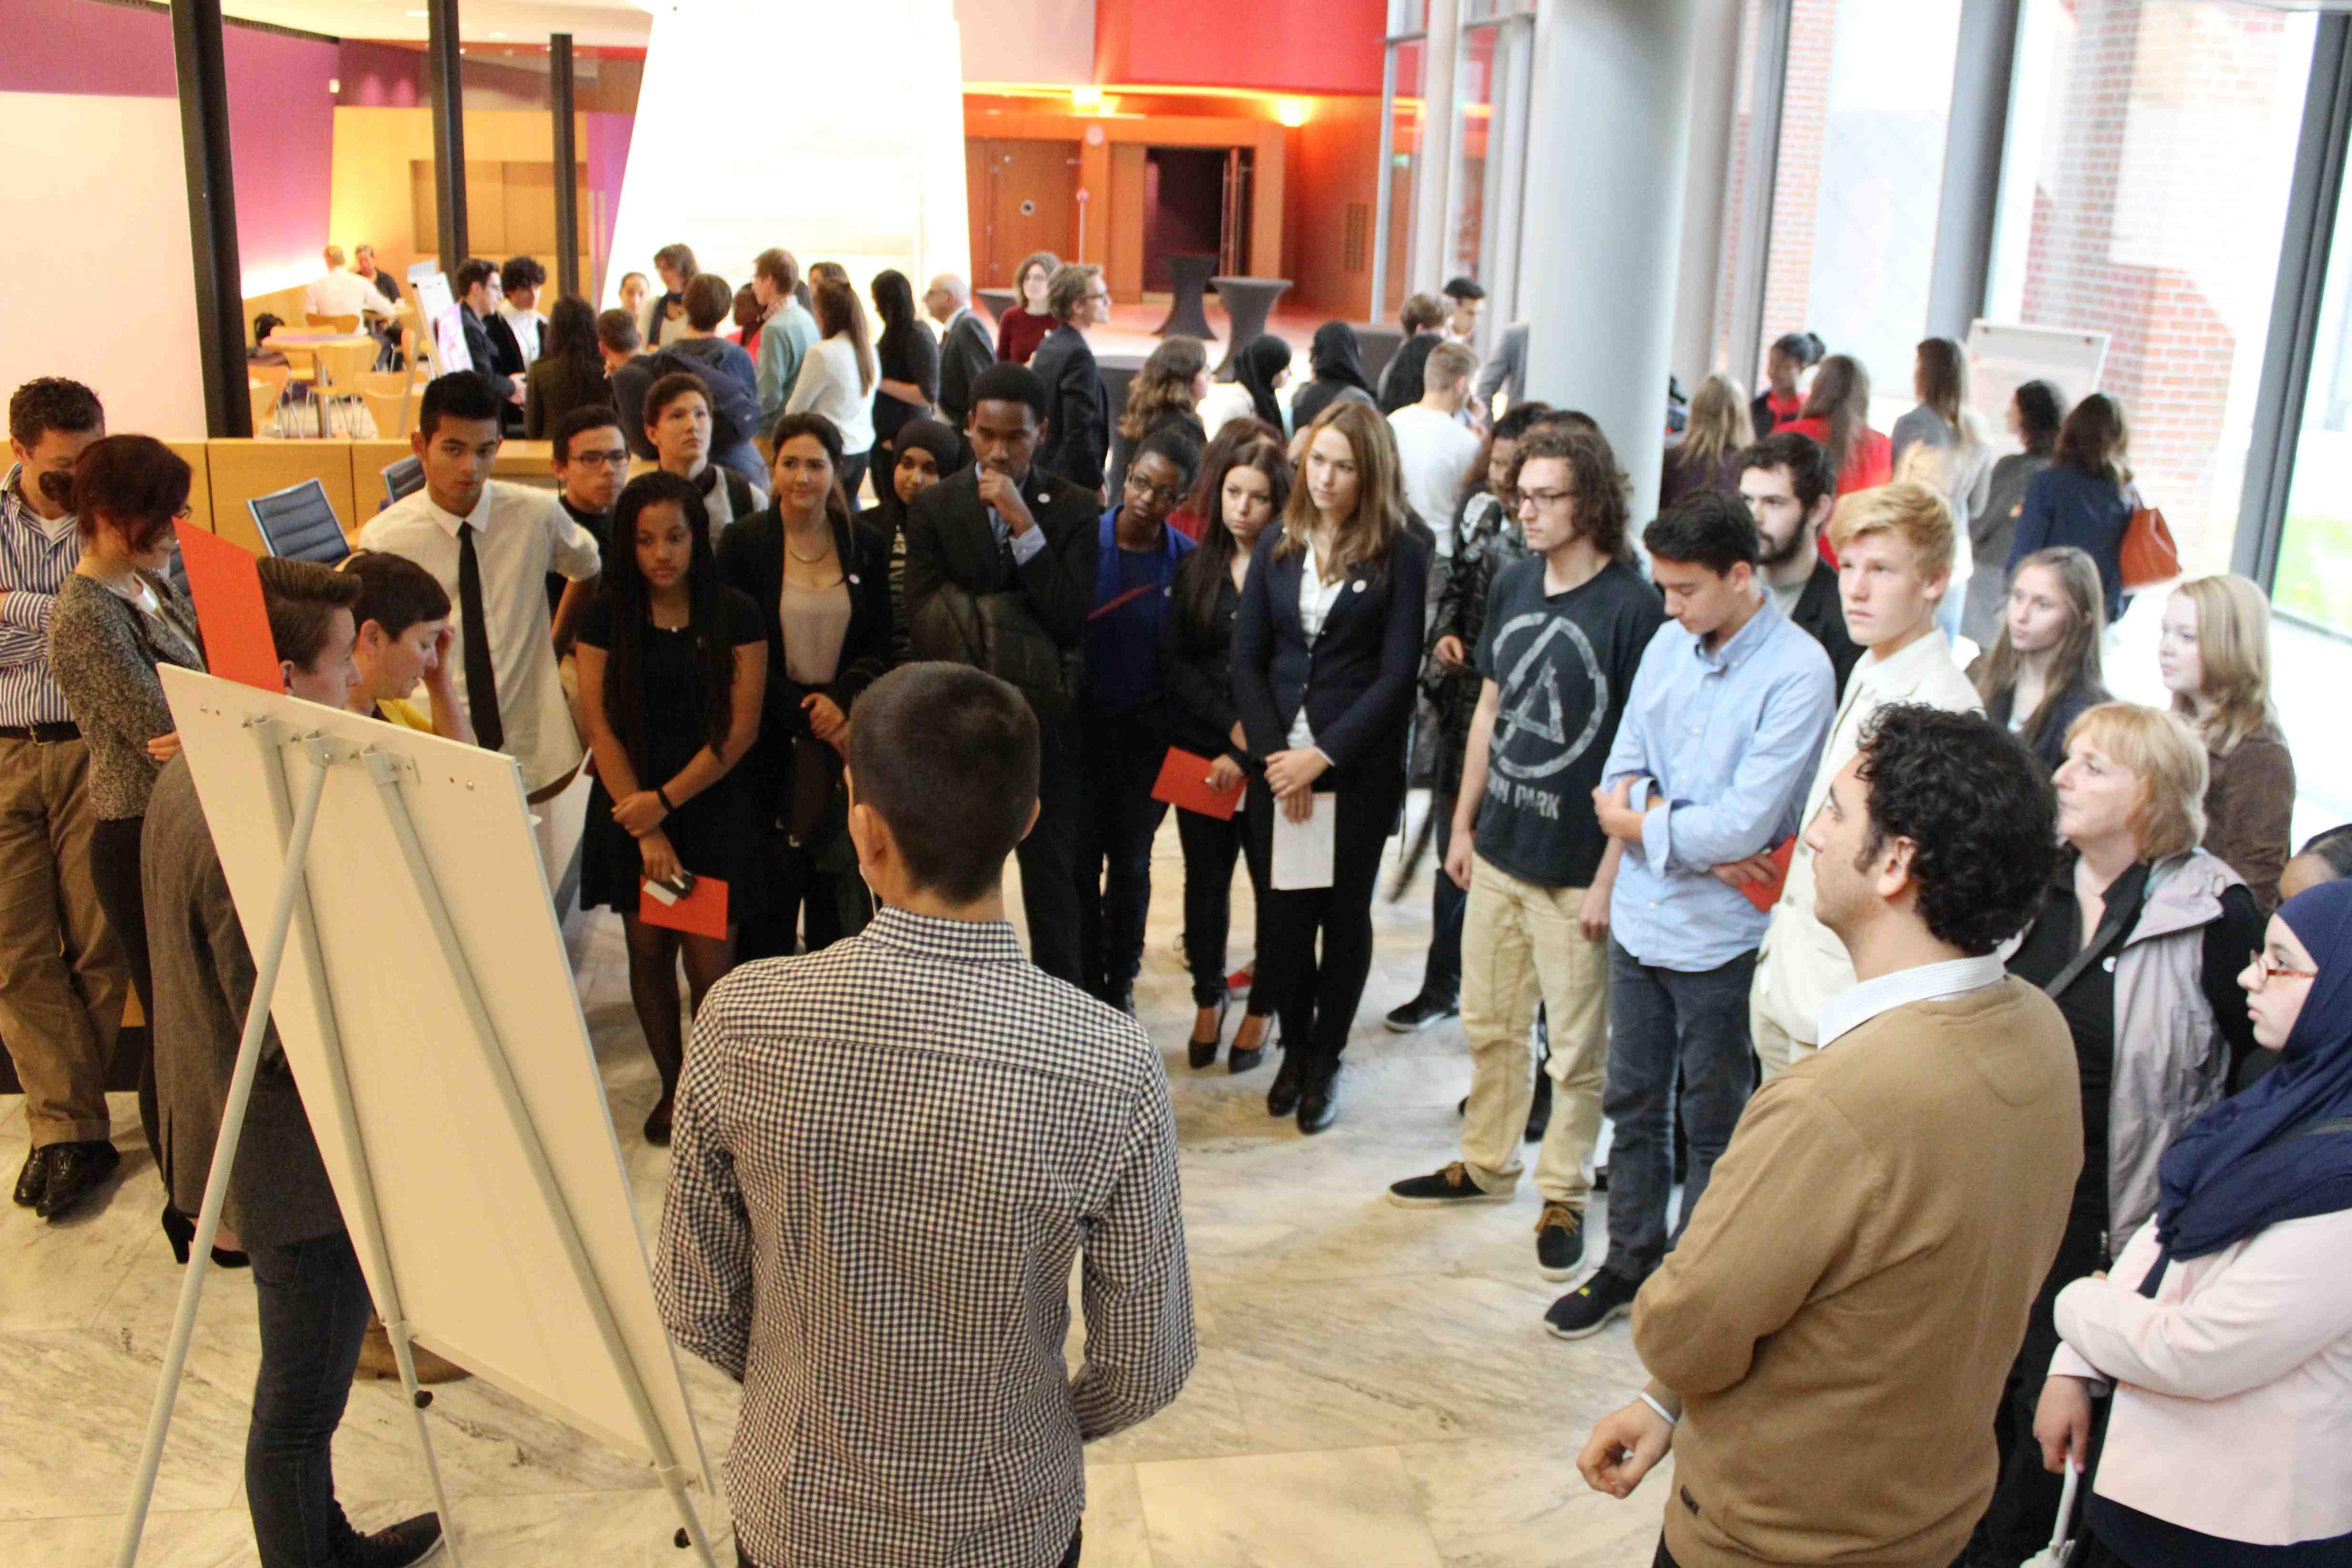 Bijeenkomst-Haagse-scholieren-en-IsraëlischePalestijnse-jongeren